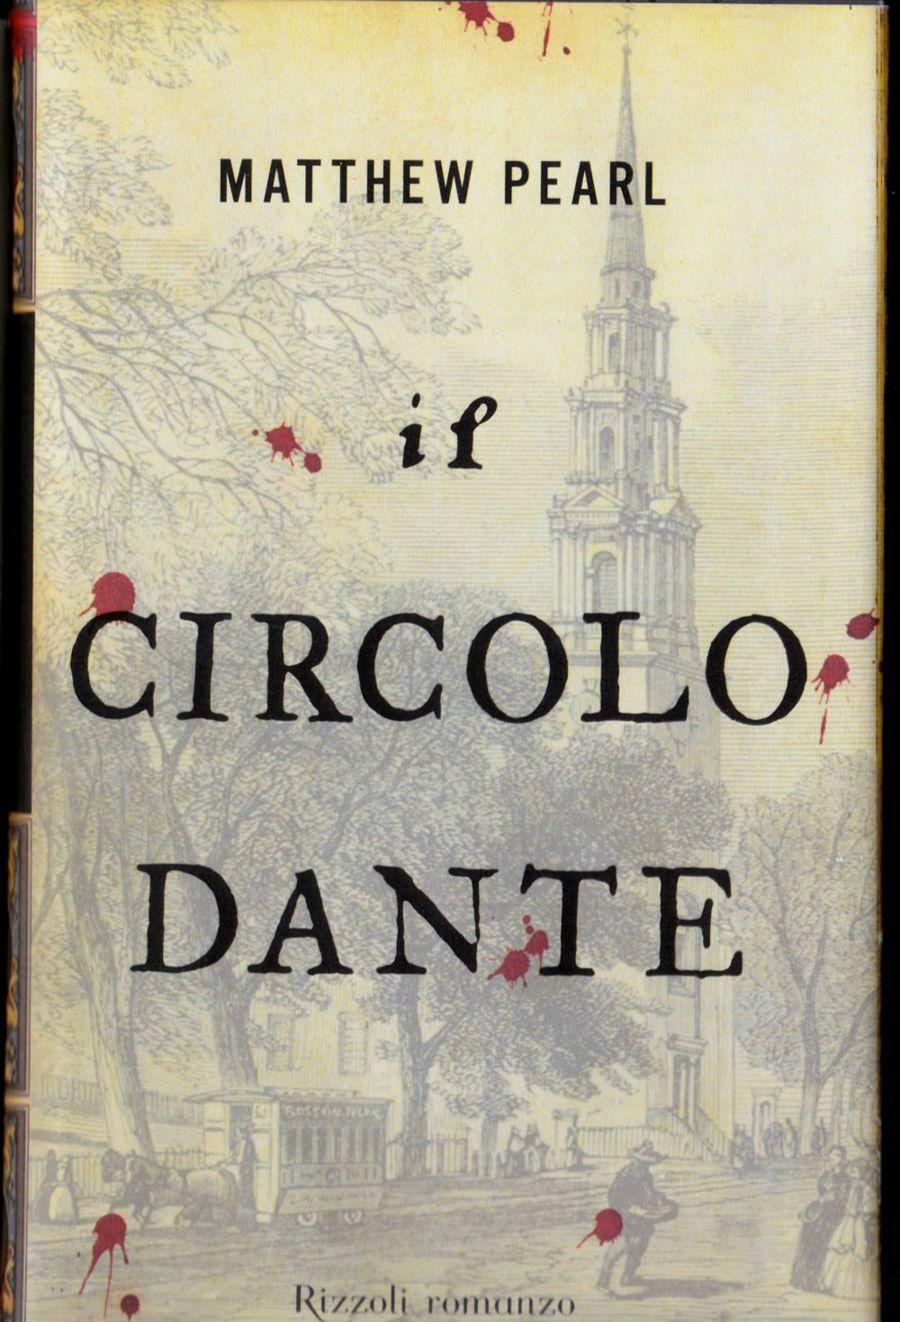 Pearl - Circolo Dante